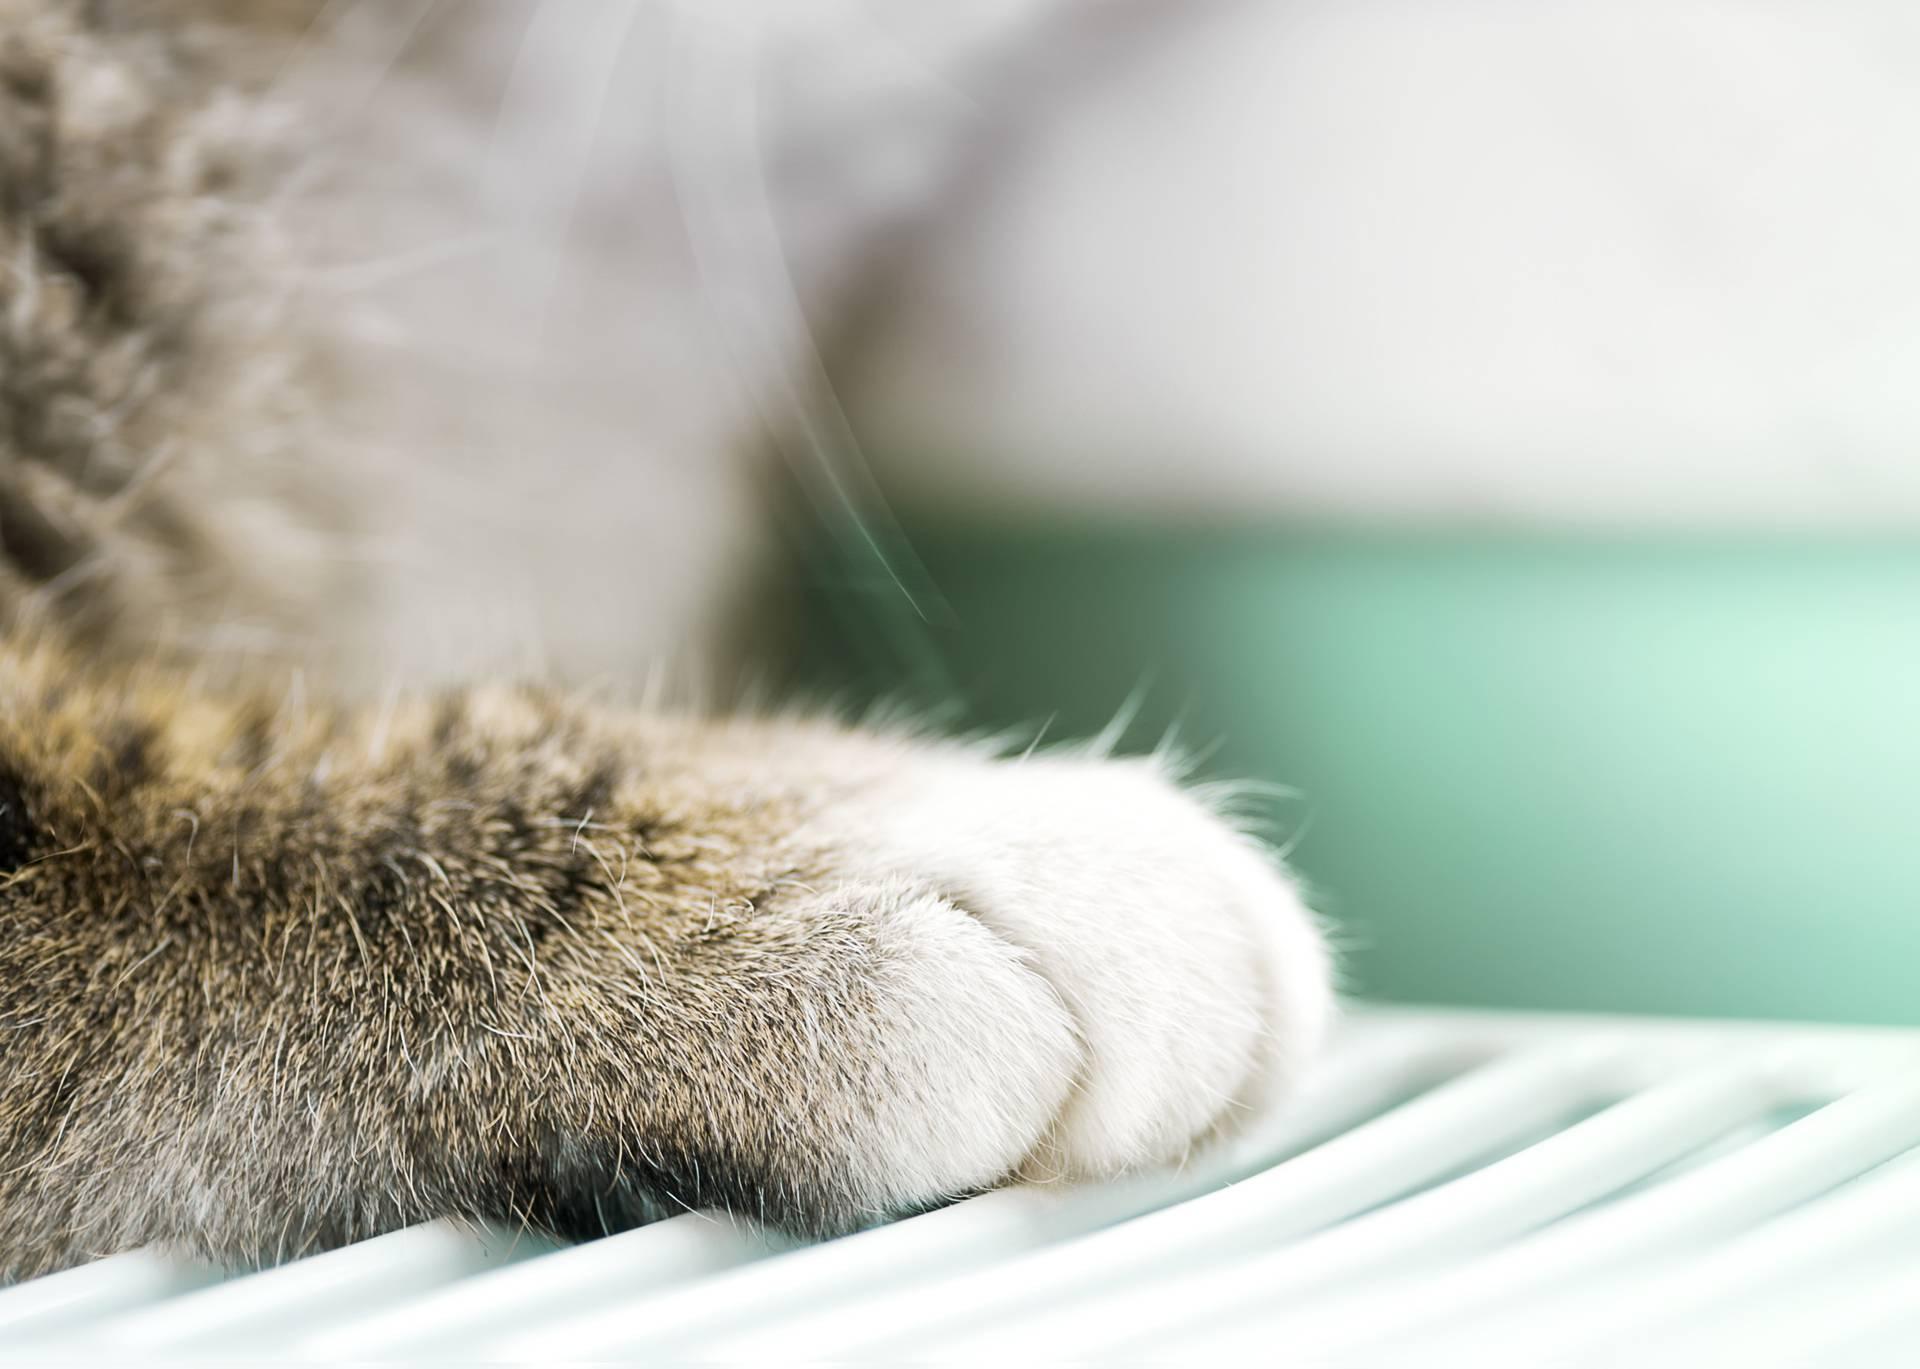 Zašto mace imaju bijele šapice: Riječ je o posebnoj prilagodbi